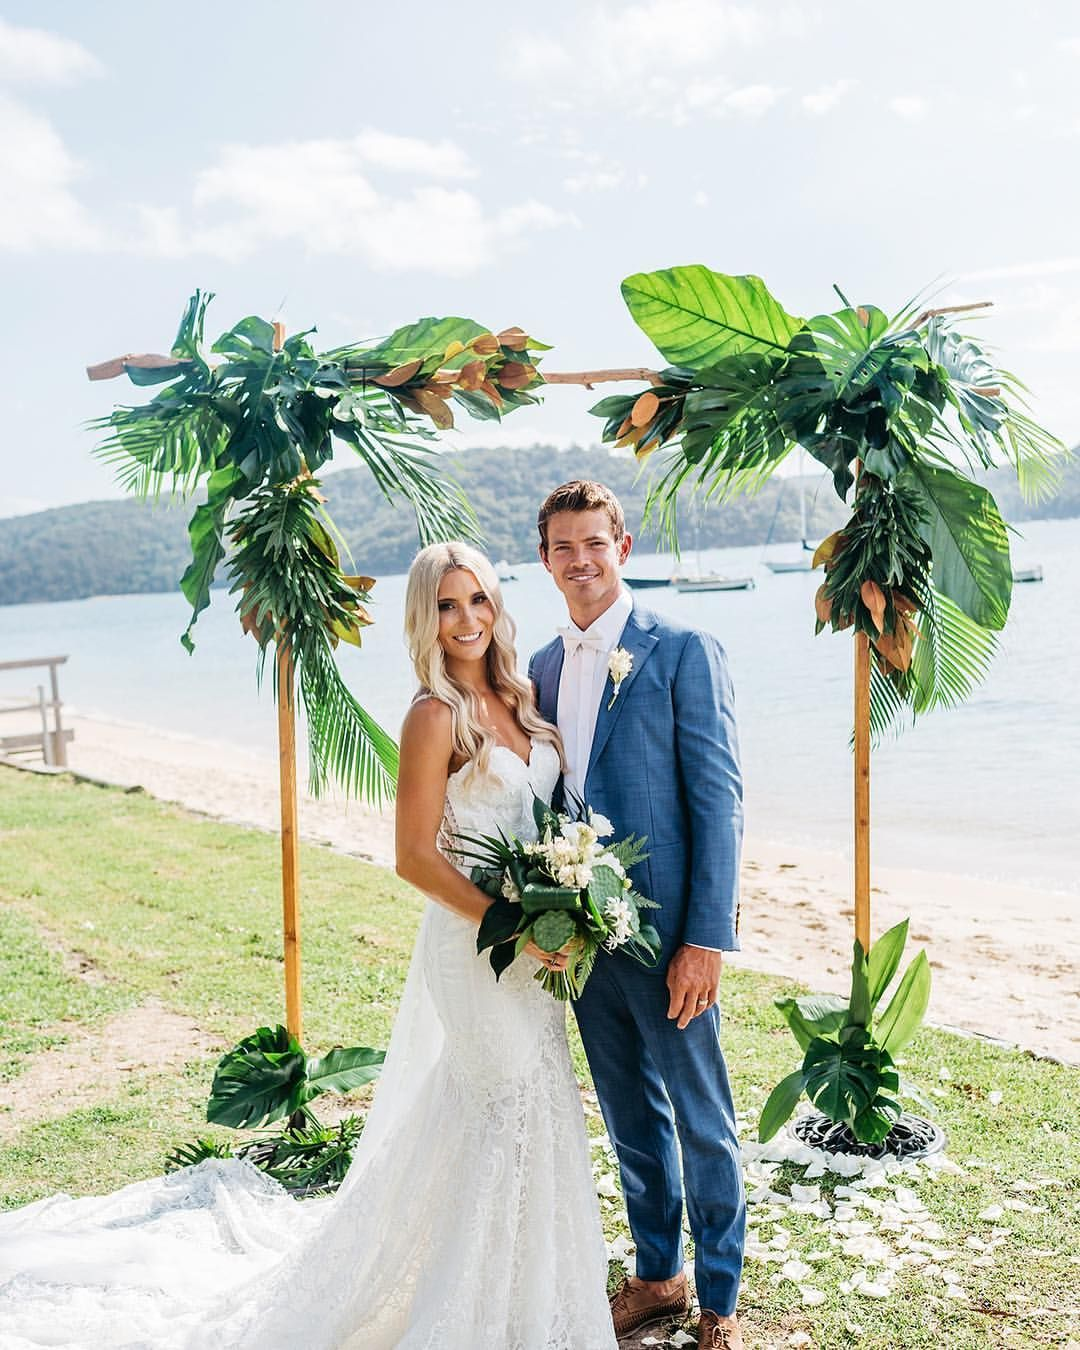 Small Beach Wedding Ideas: Wedding, Tropical Wedding Decor, Wedding